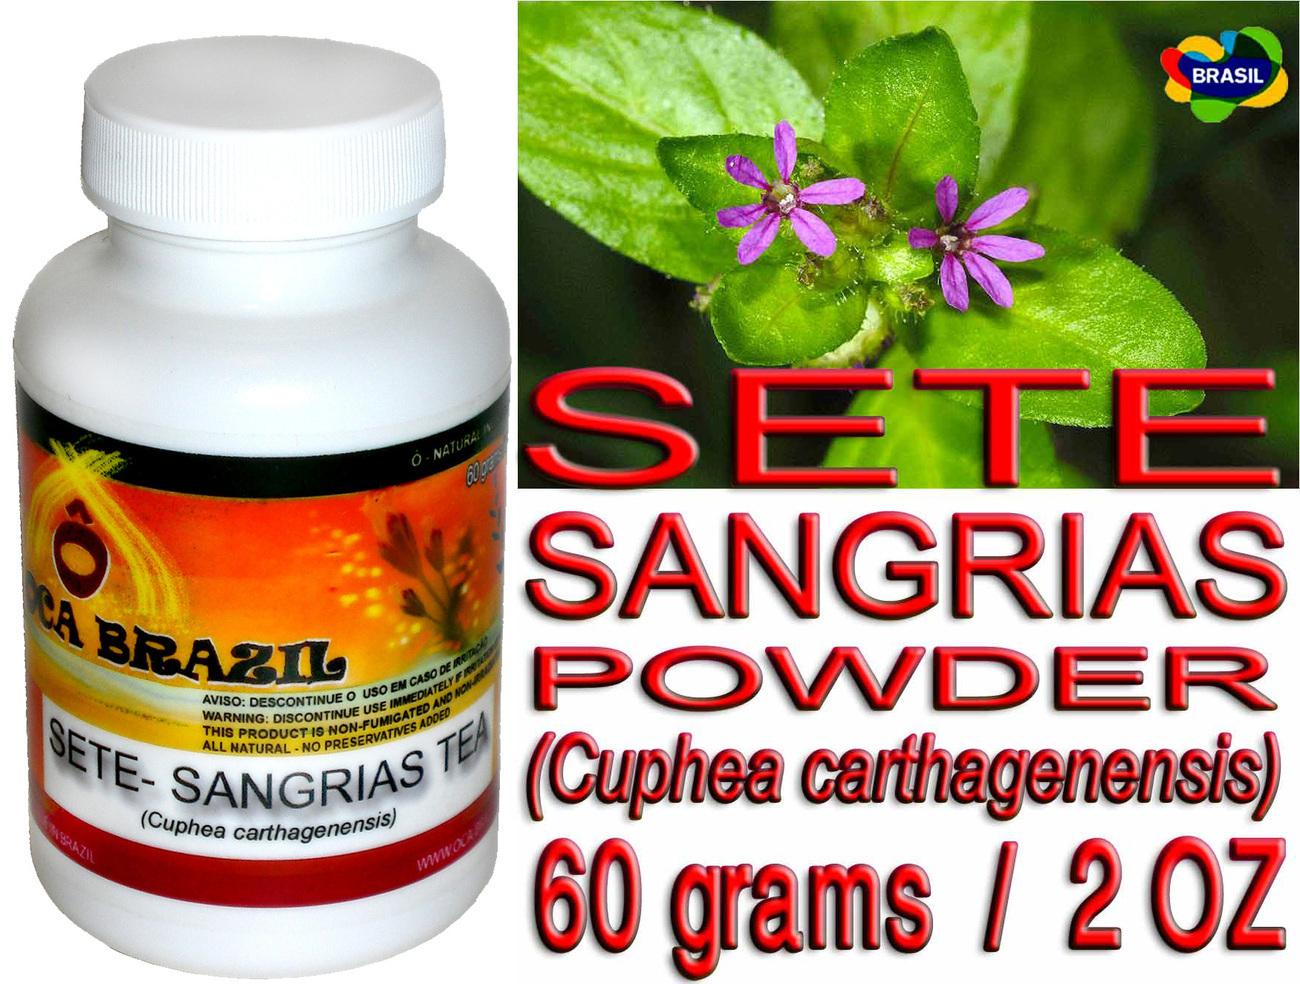 Sete sangrias powder